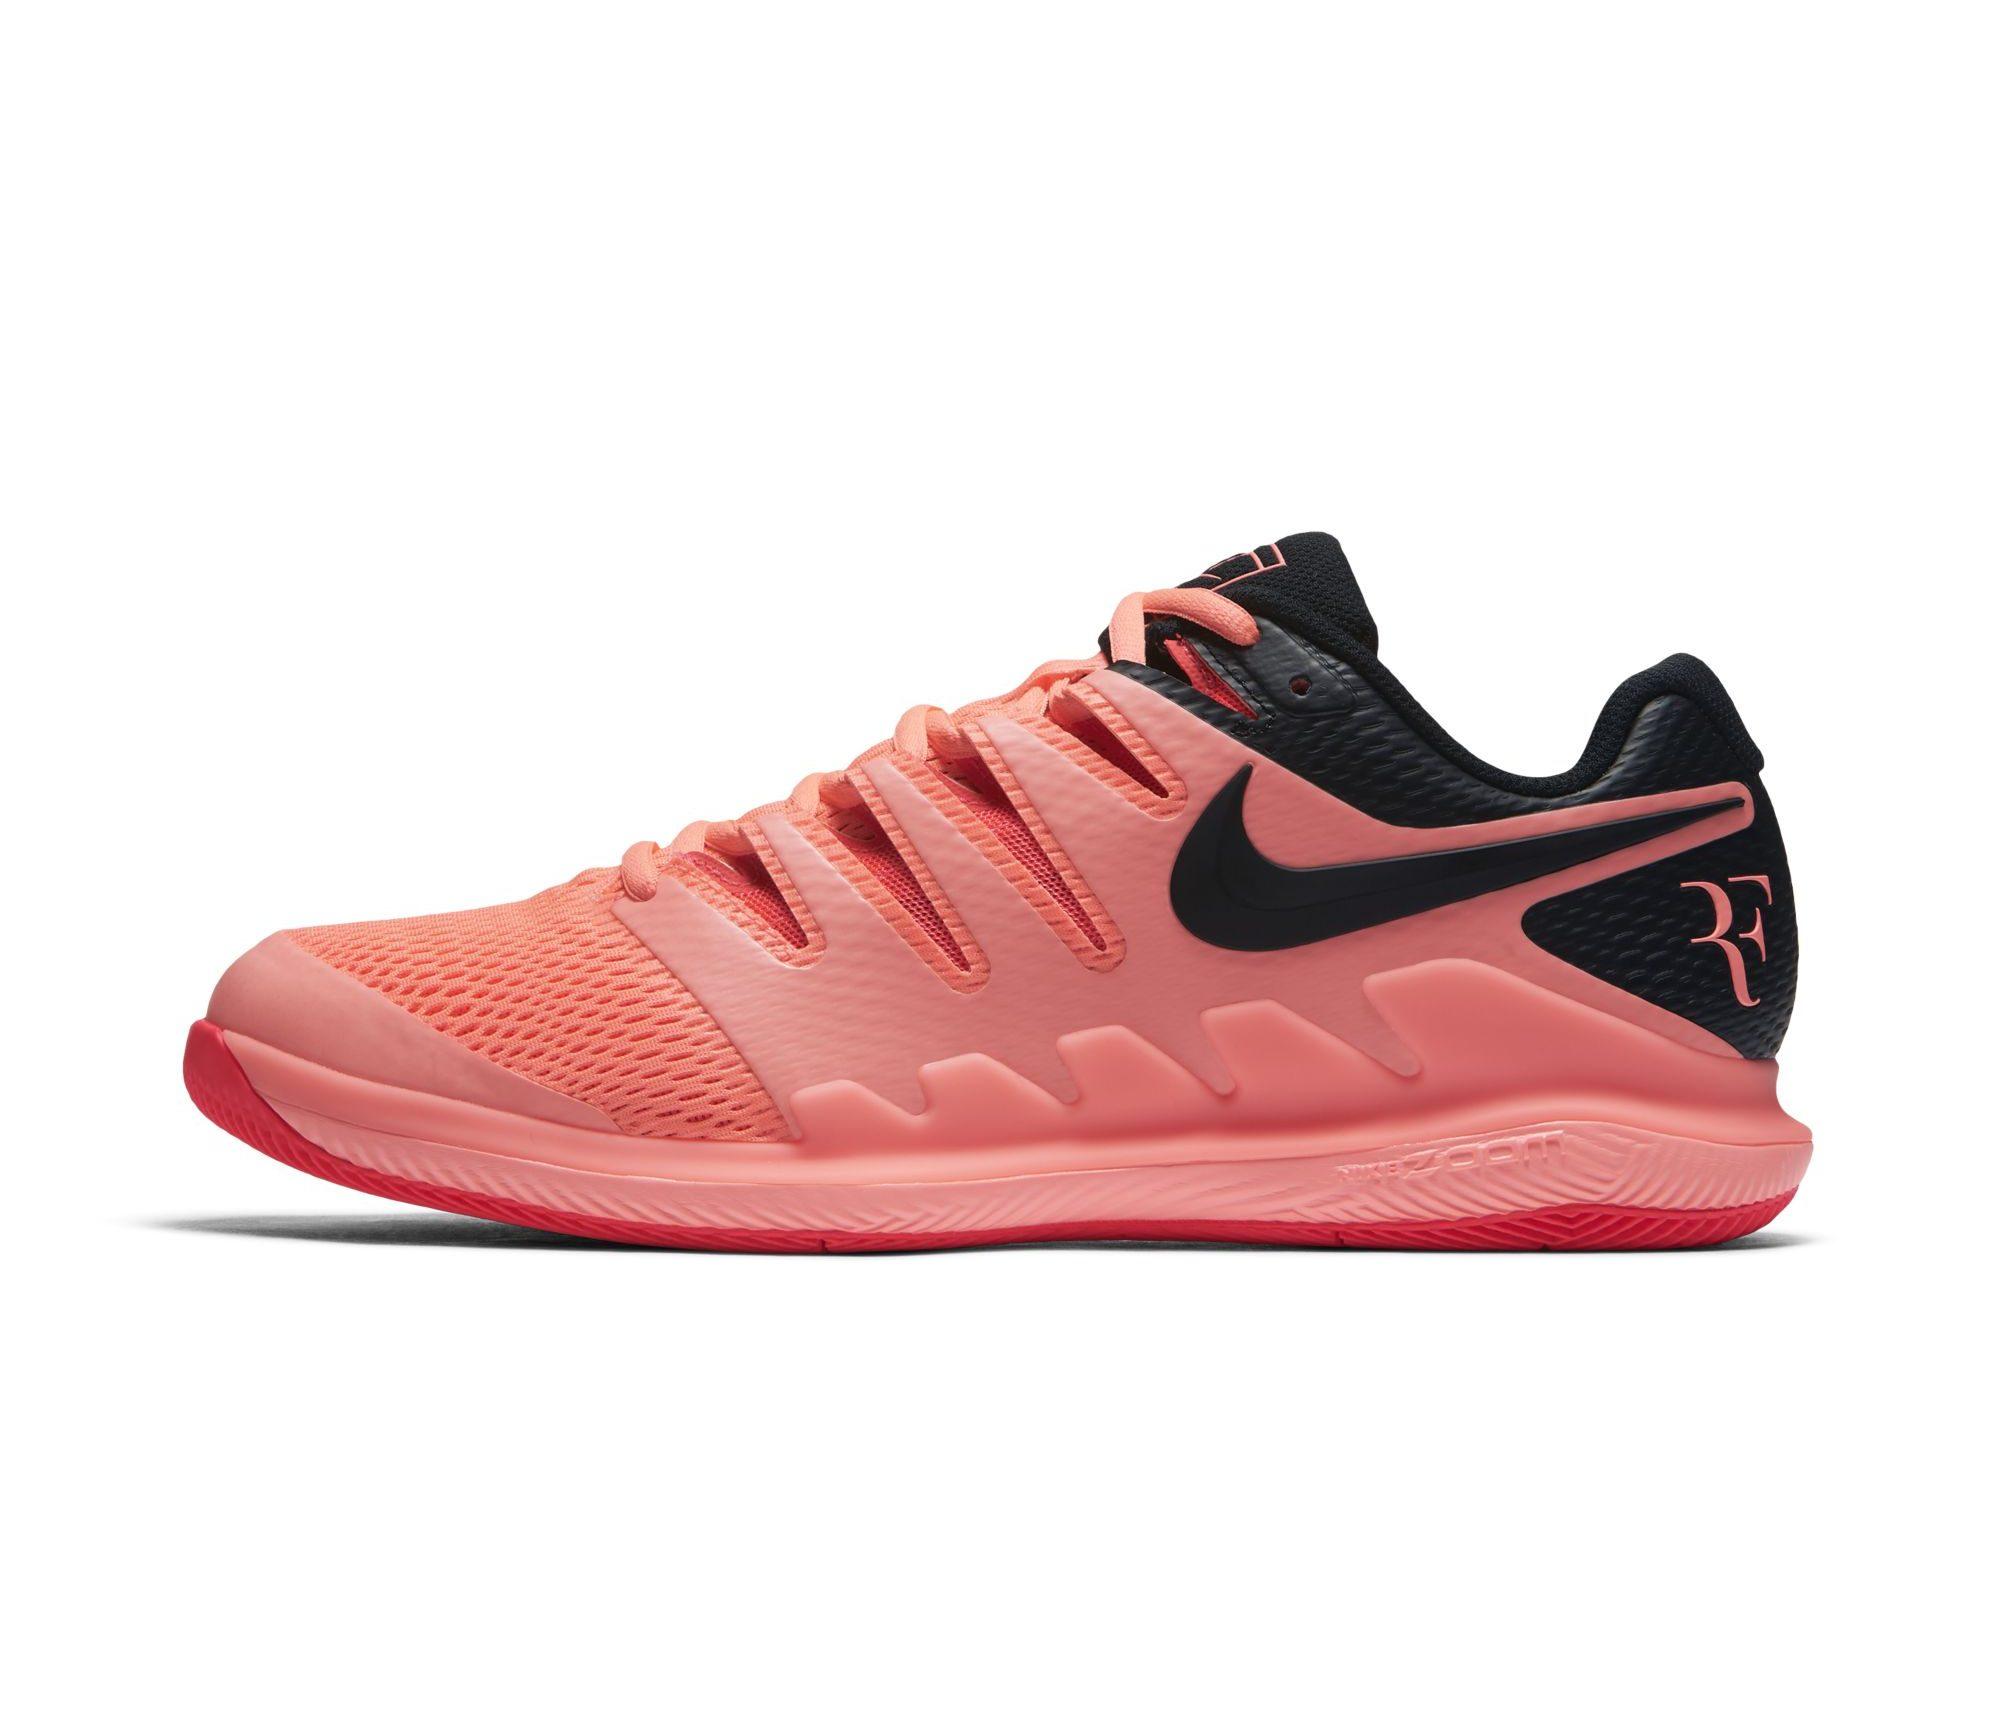 Nike Zoom Vapor 9.5 Tour 'Hot Lava' Brightens Federer's